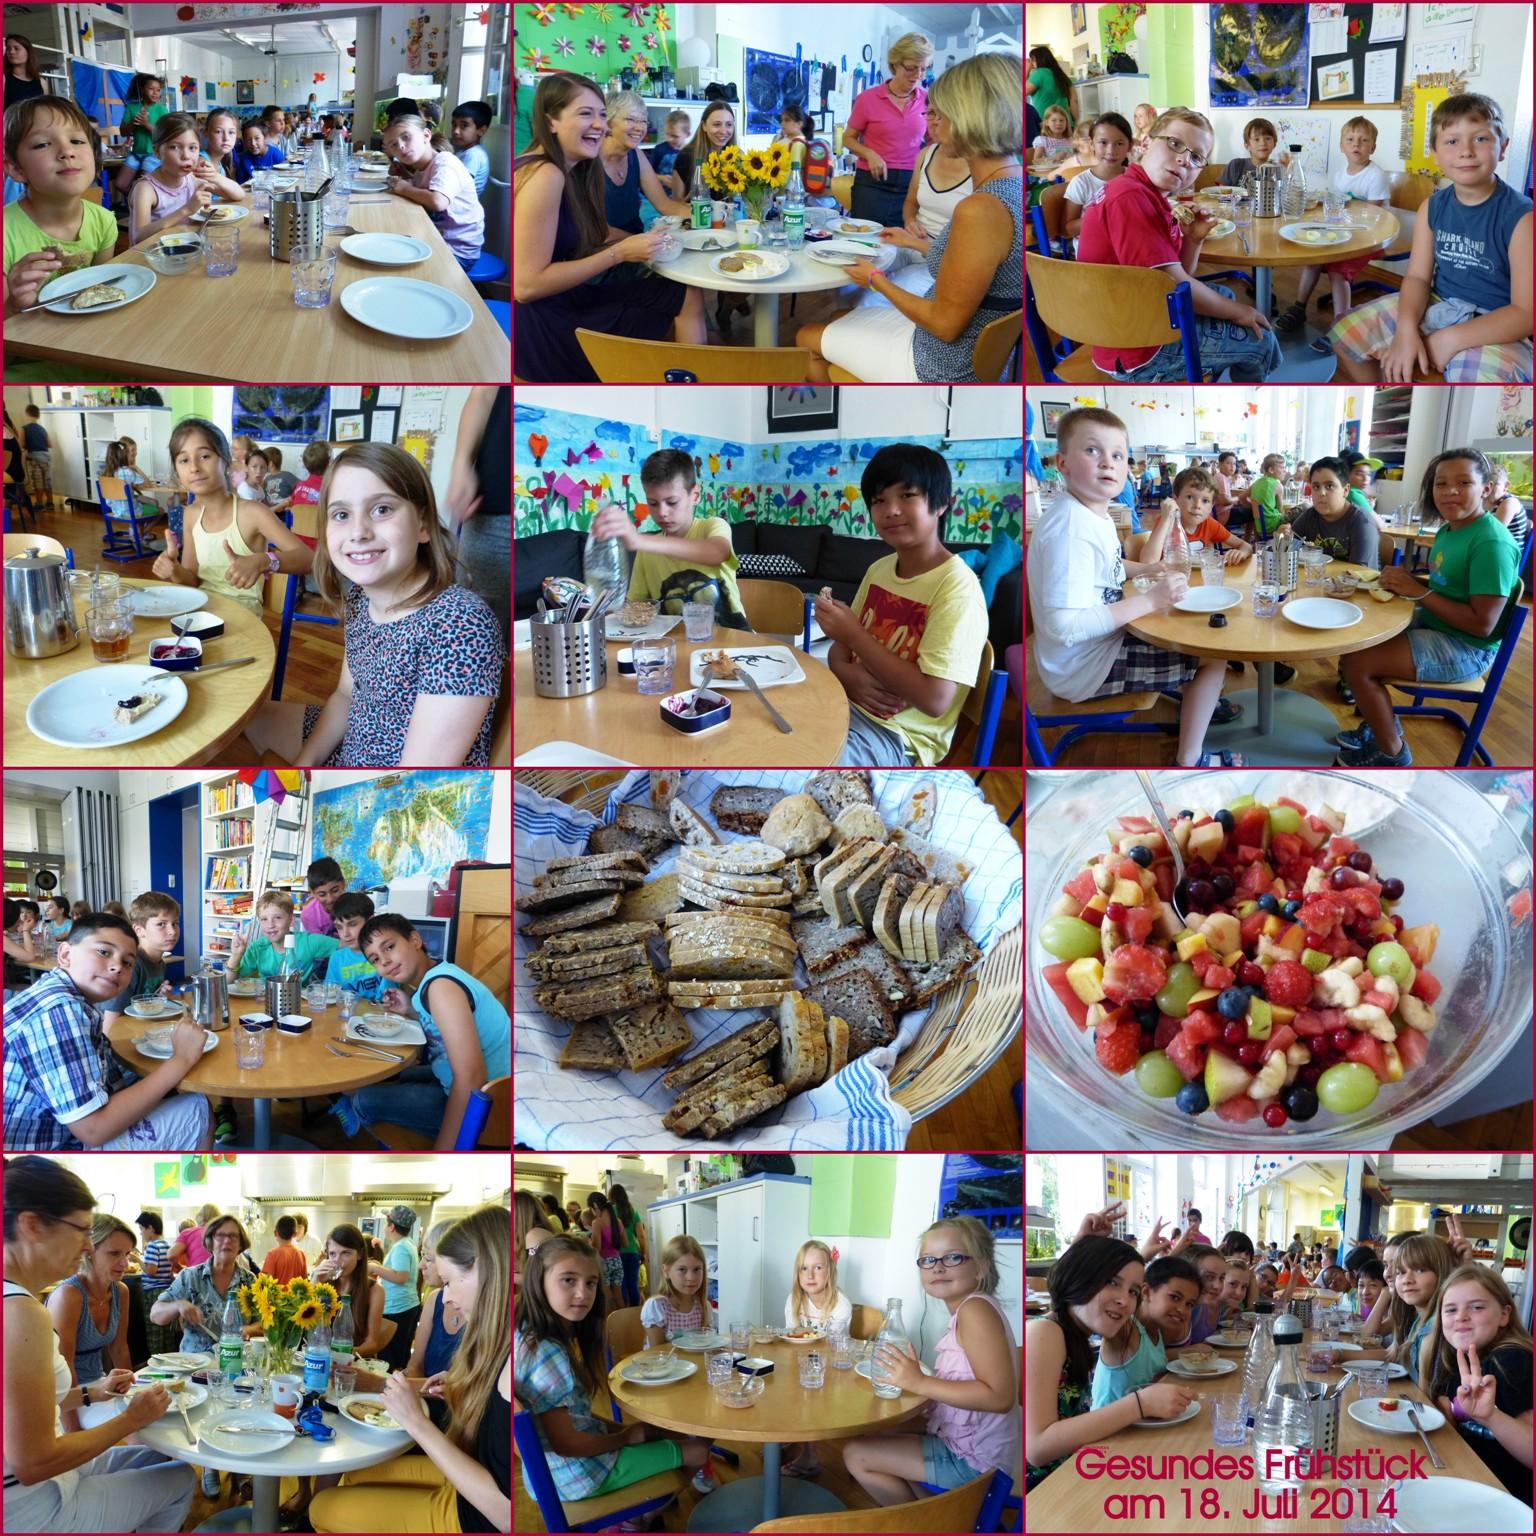 2014-07-18_GesFruehstueck2_kl.jpg